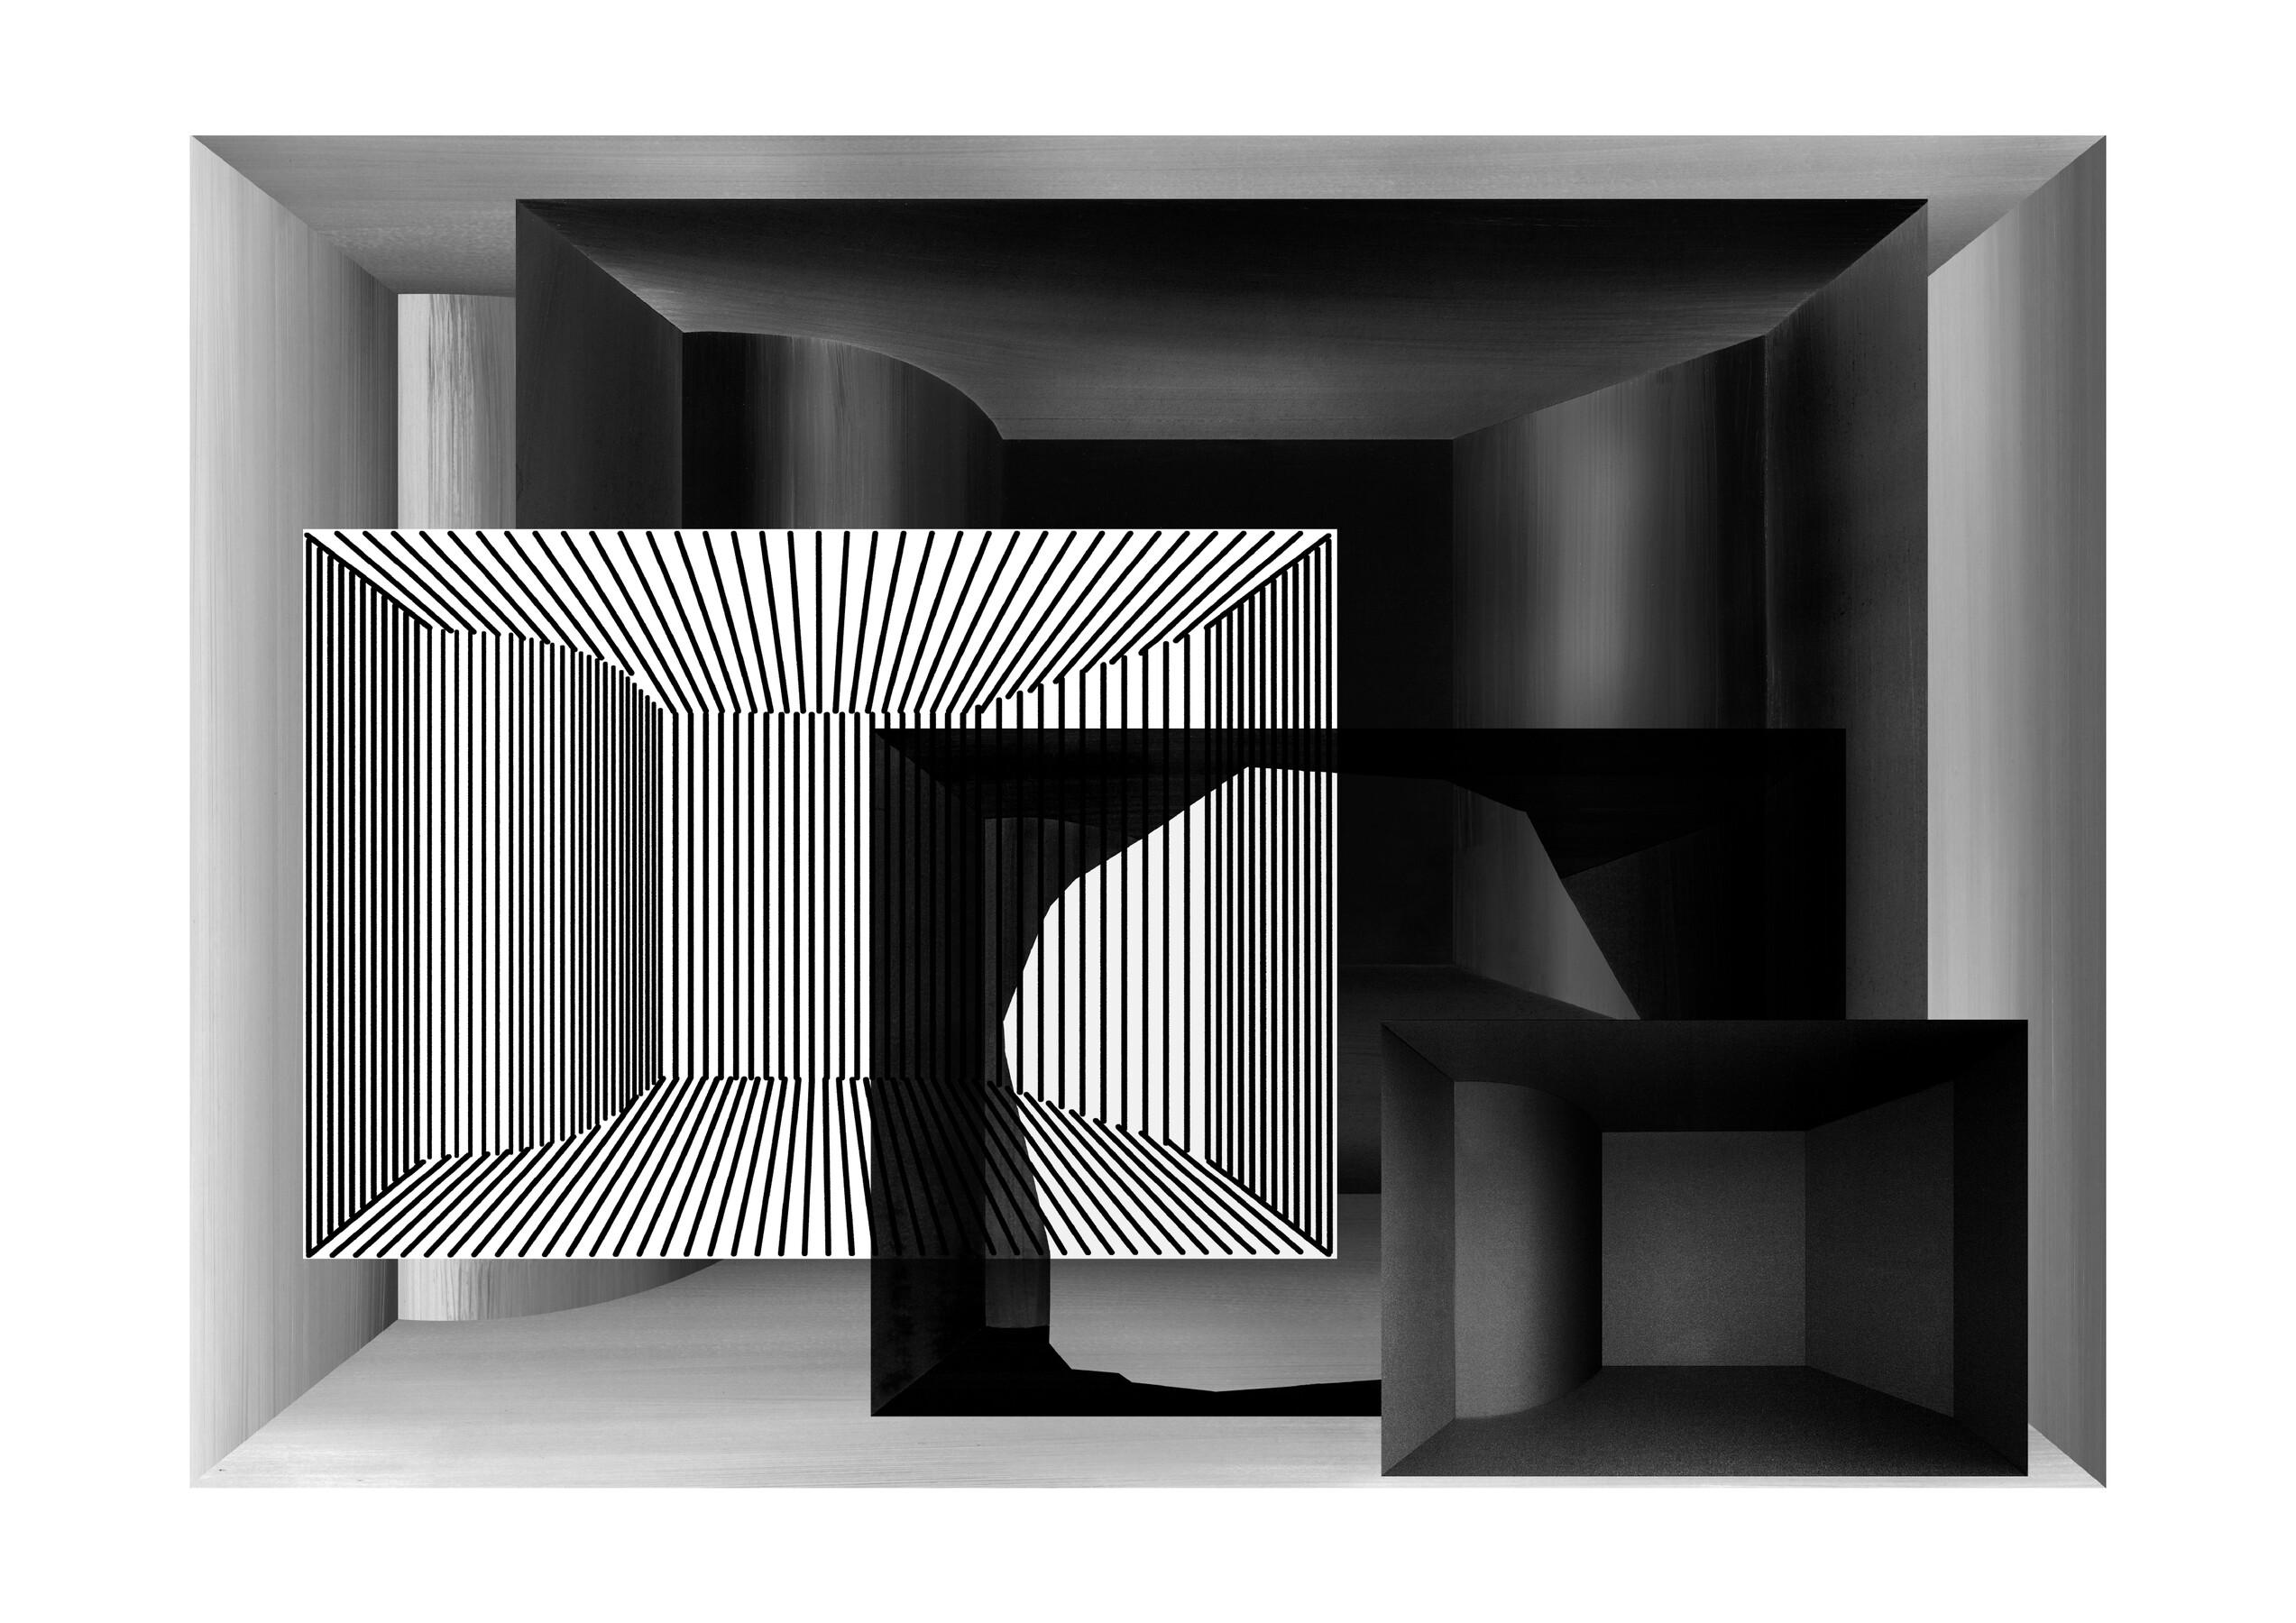 Karl Nawrot, Tuning, 2014